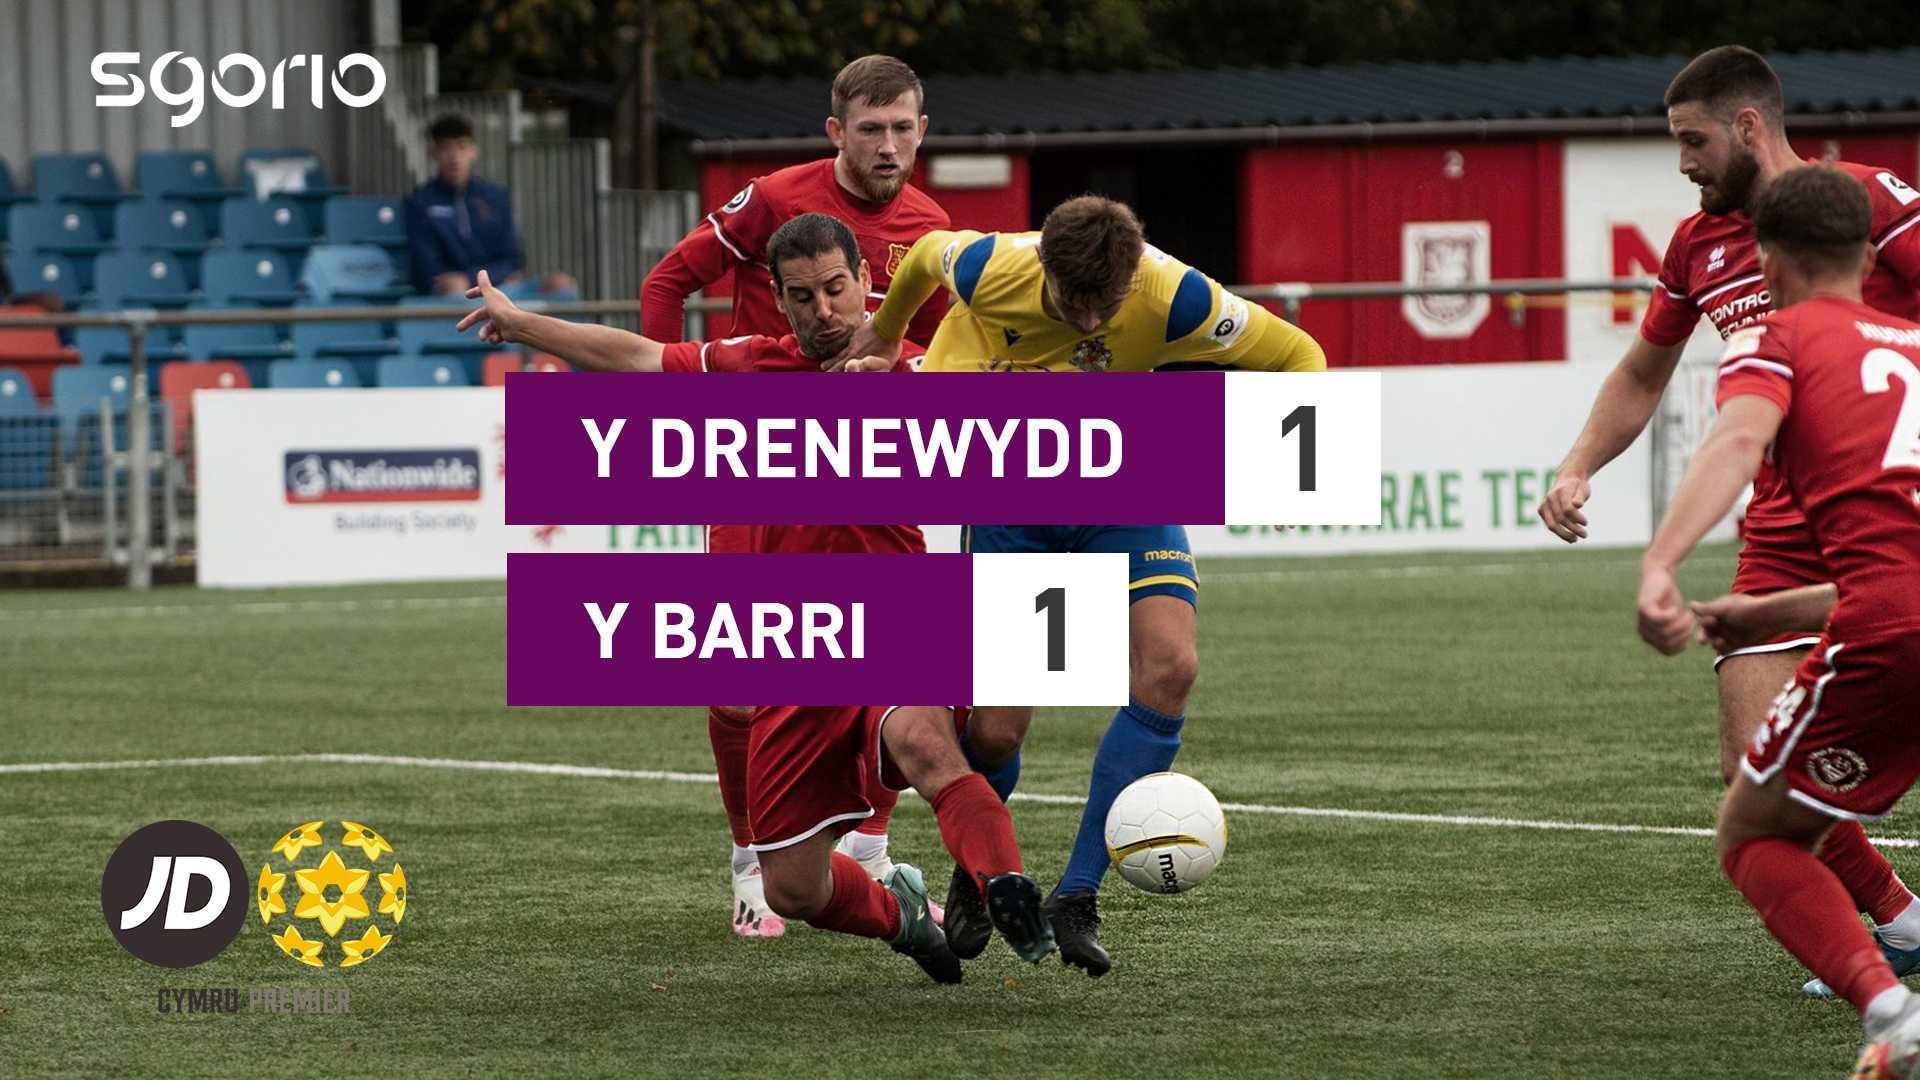 Y Drenewydd 1-1 Y Barri